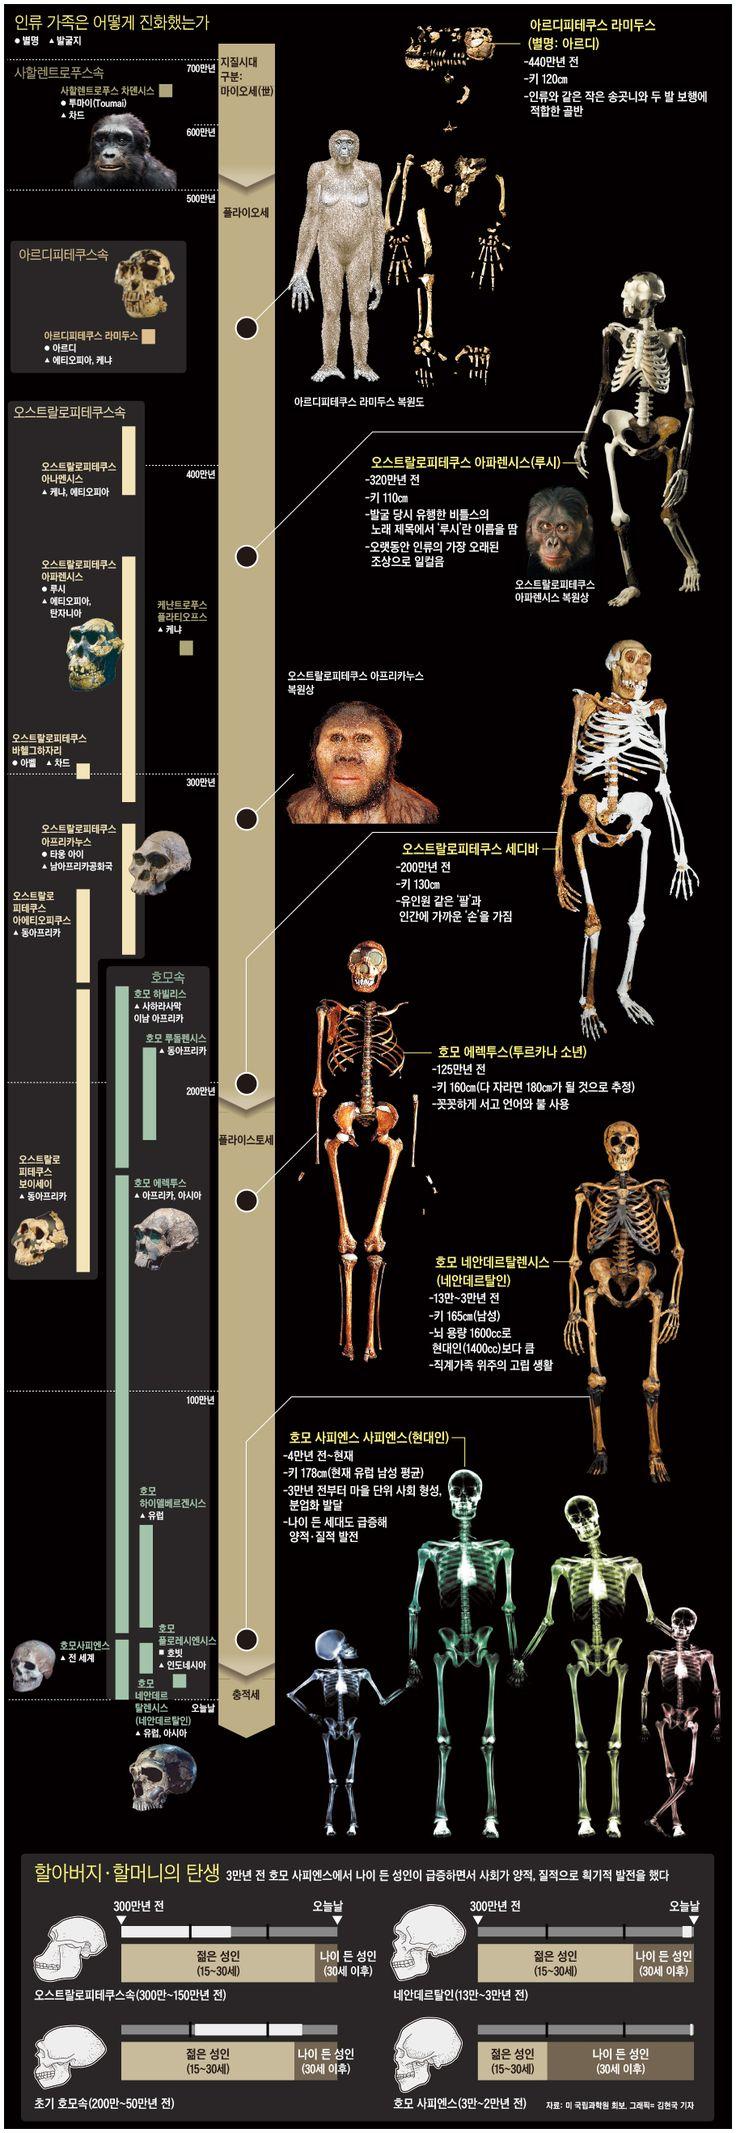 네안데르탈人의 이기적 사랑이 멸종 불렀다 - 조선닷컴 인포그래픽스